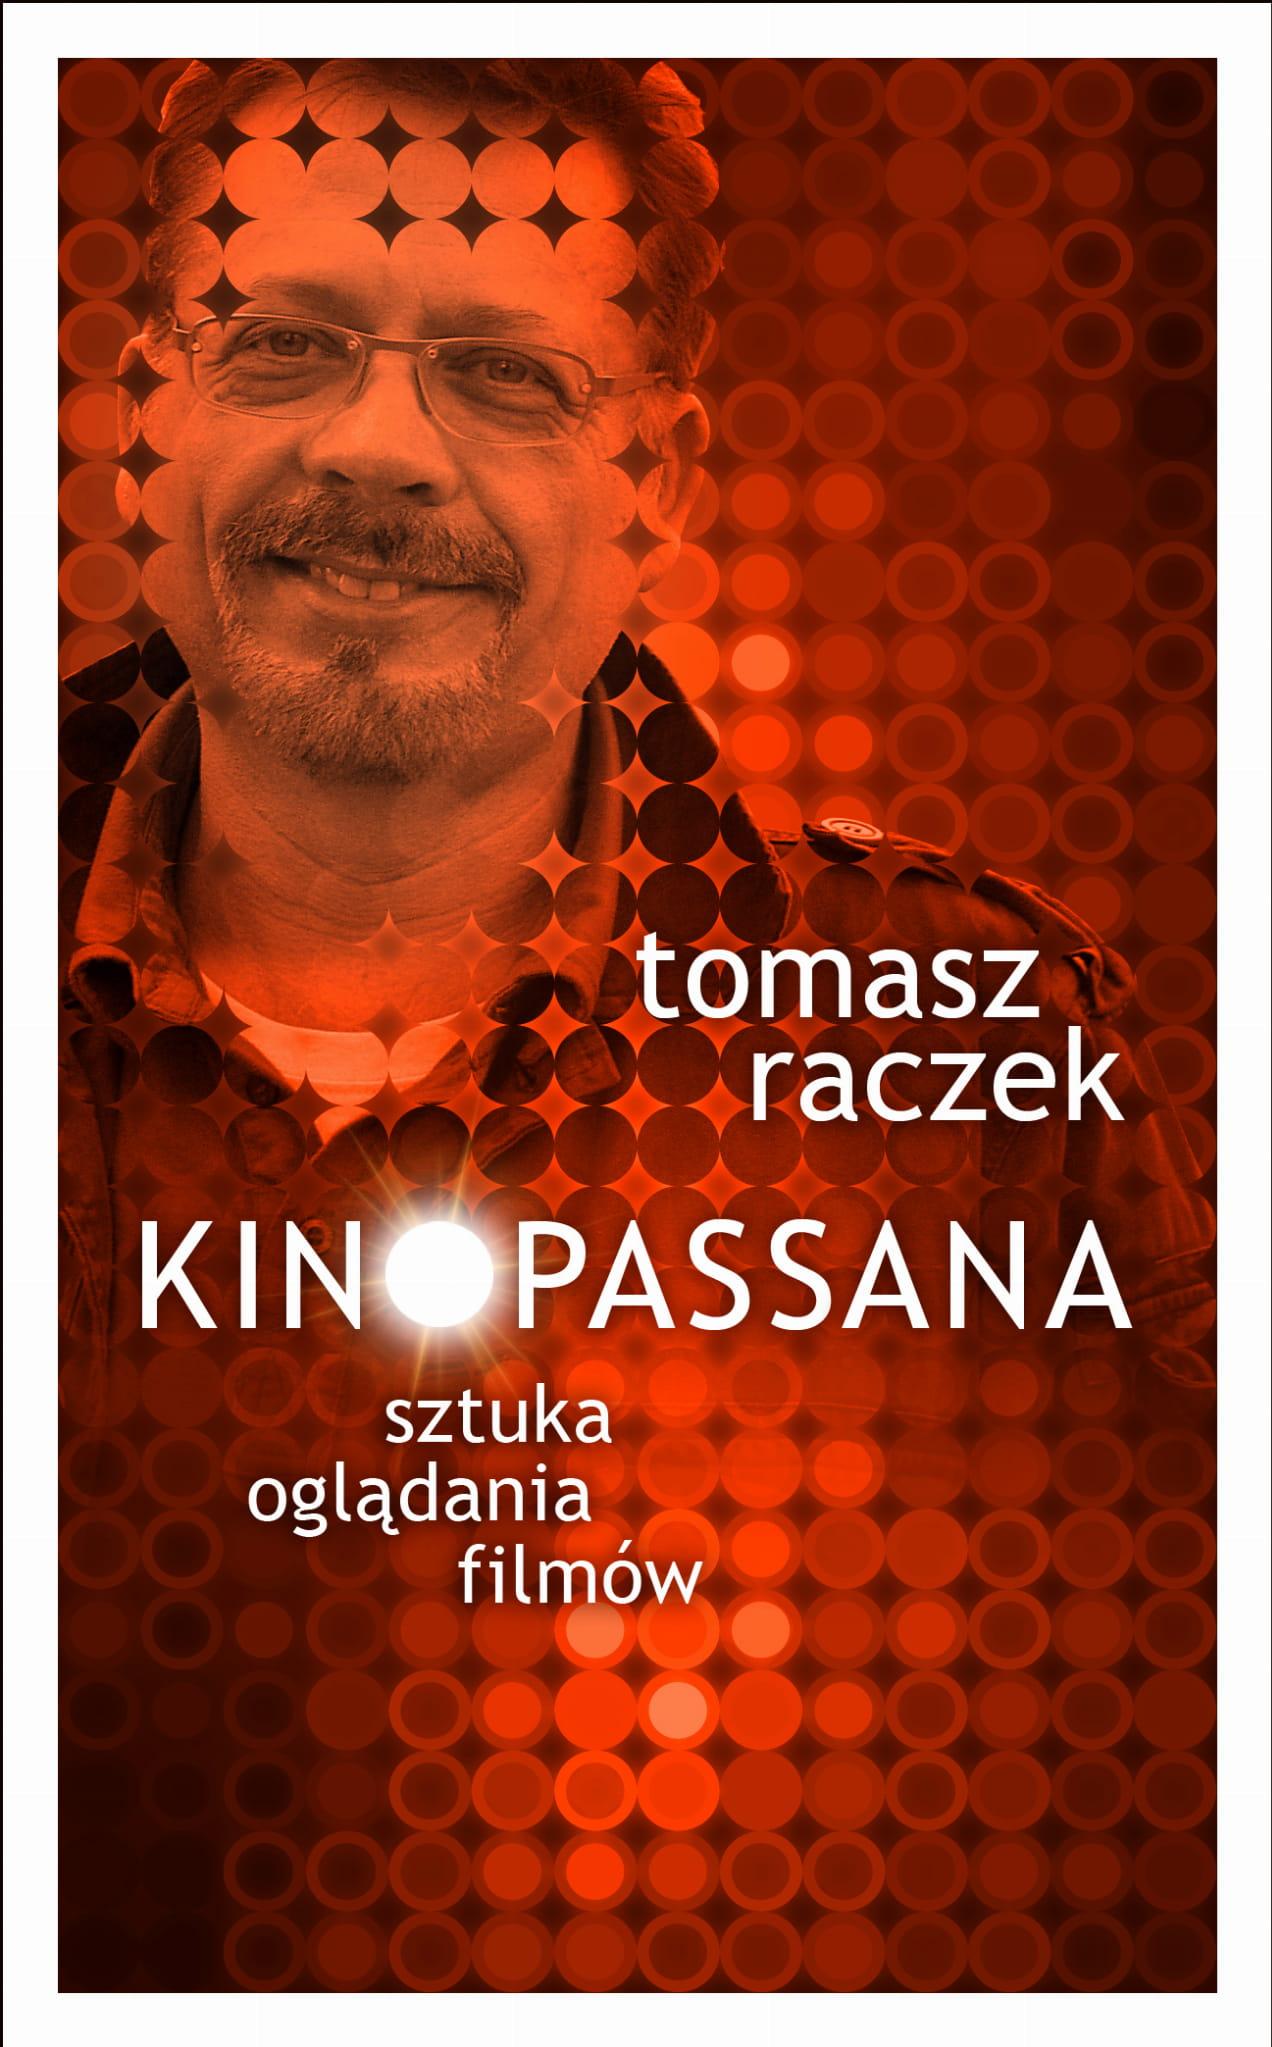 Kinopassana